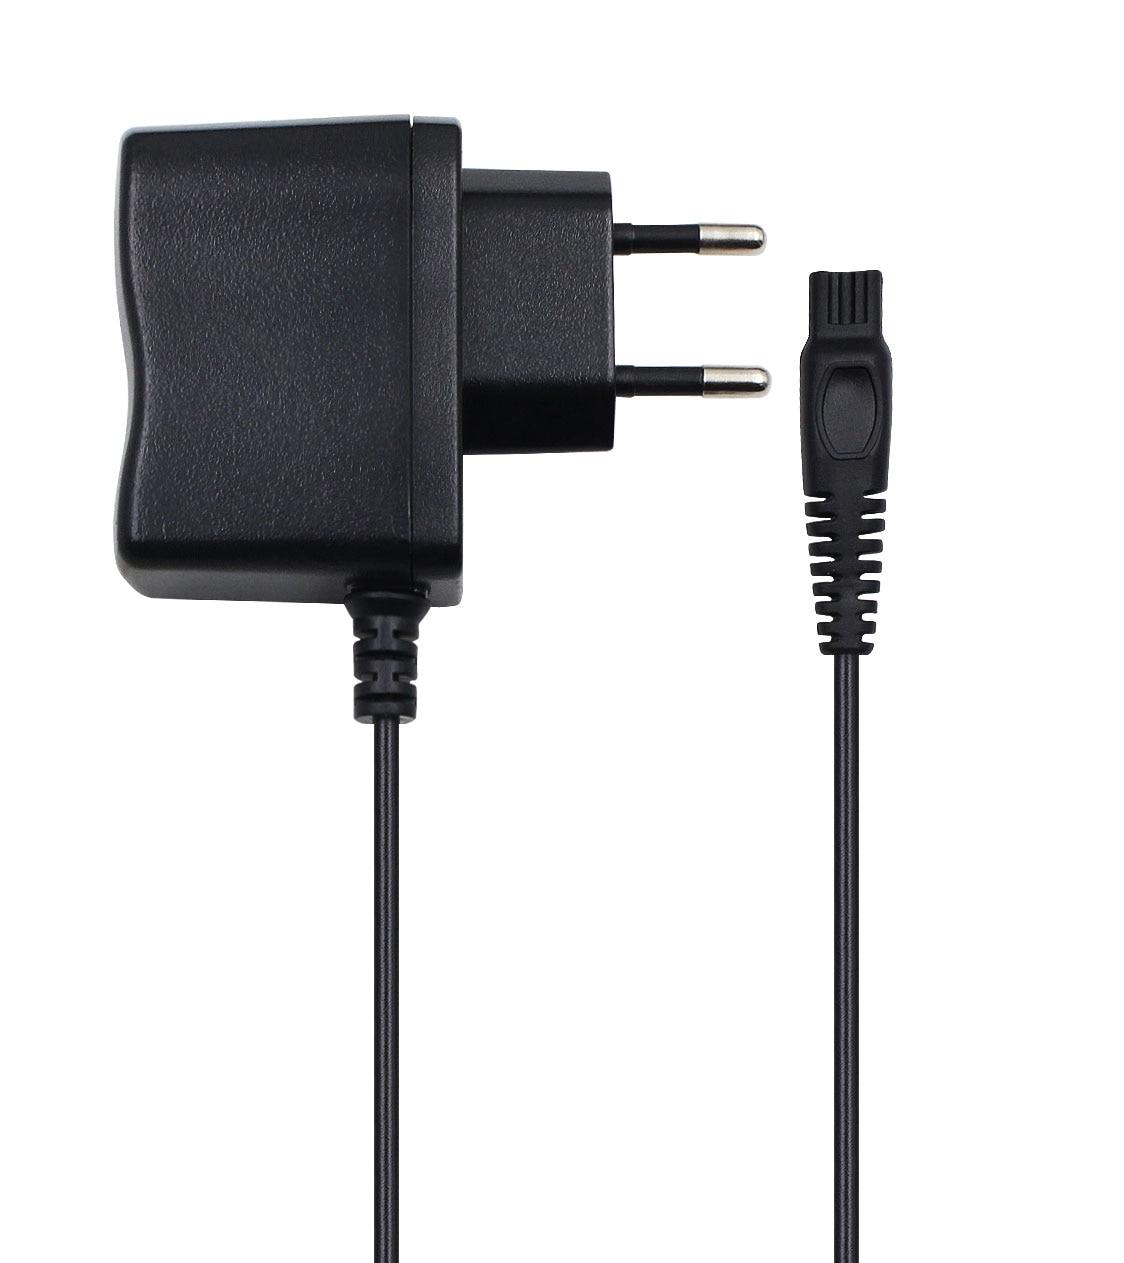 Адаптер питания переменного/постоянного тока, шнур зарядного устройства для бритвы Philips HQ6707 HQ6709 HQ6720 HQ6725 HQ6730 HQ6735